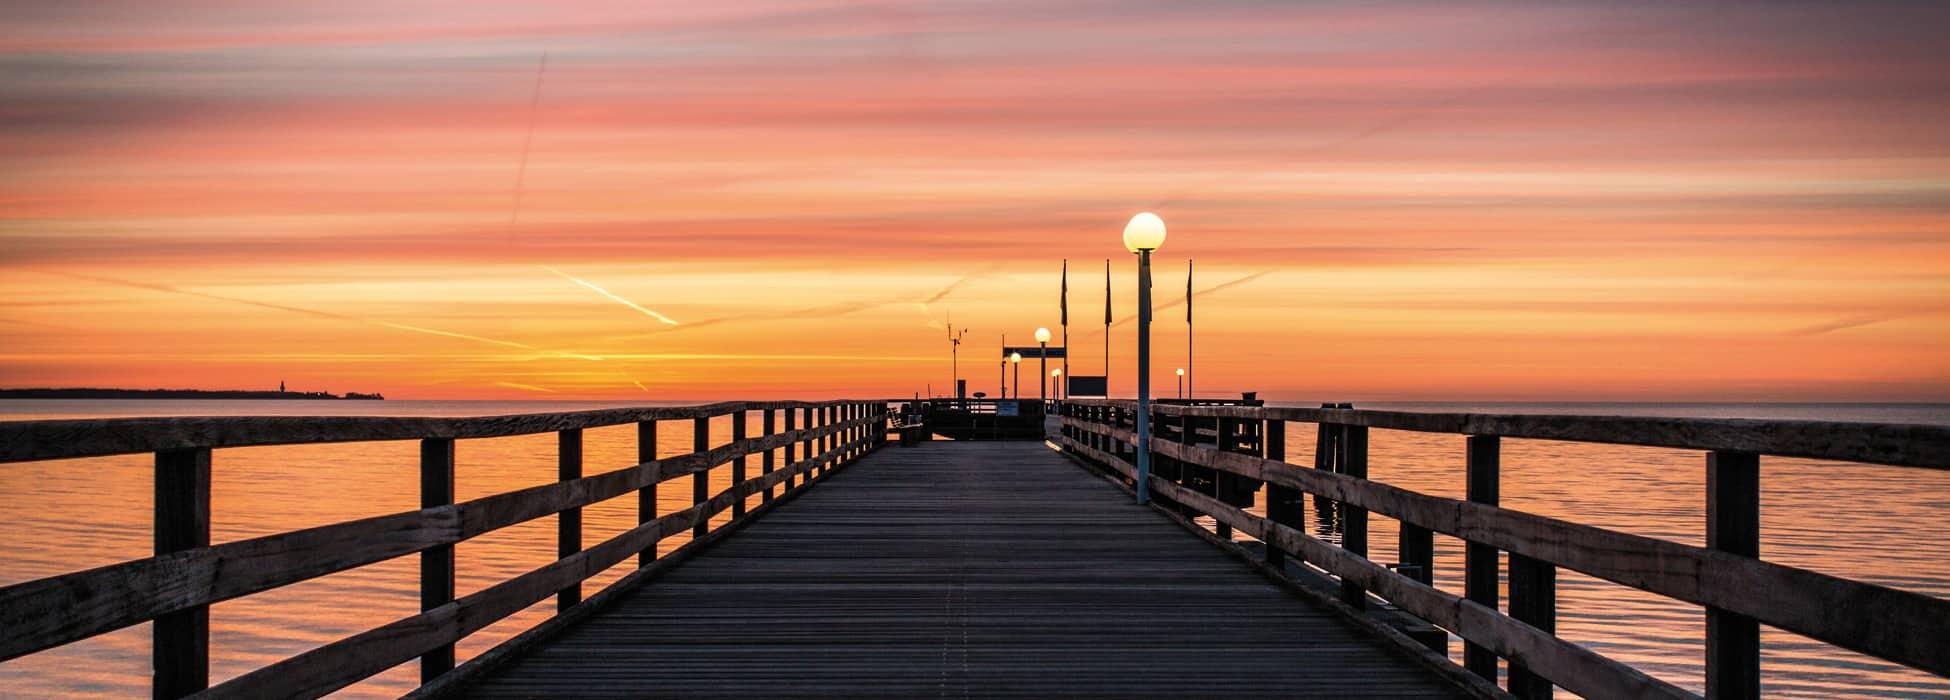 Sonnenaufgang an der Seebrücke Scharbeutz